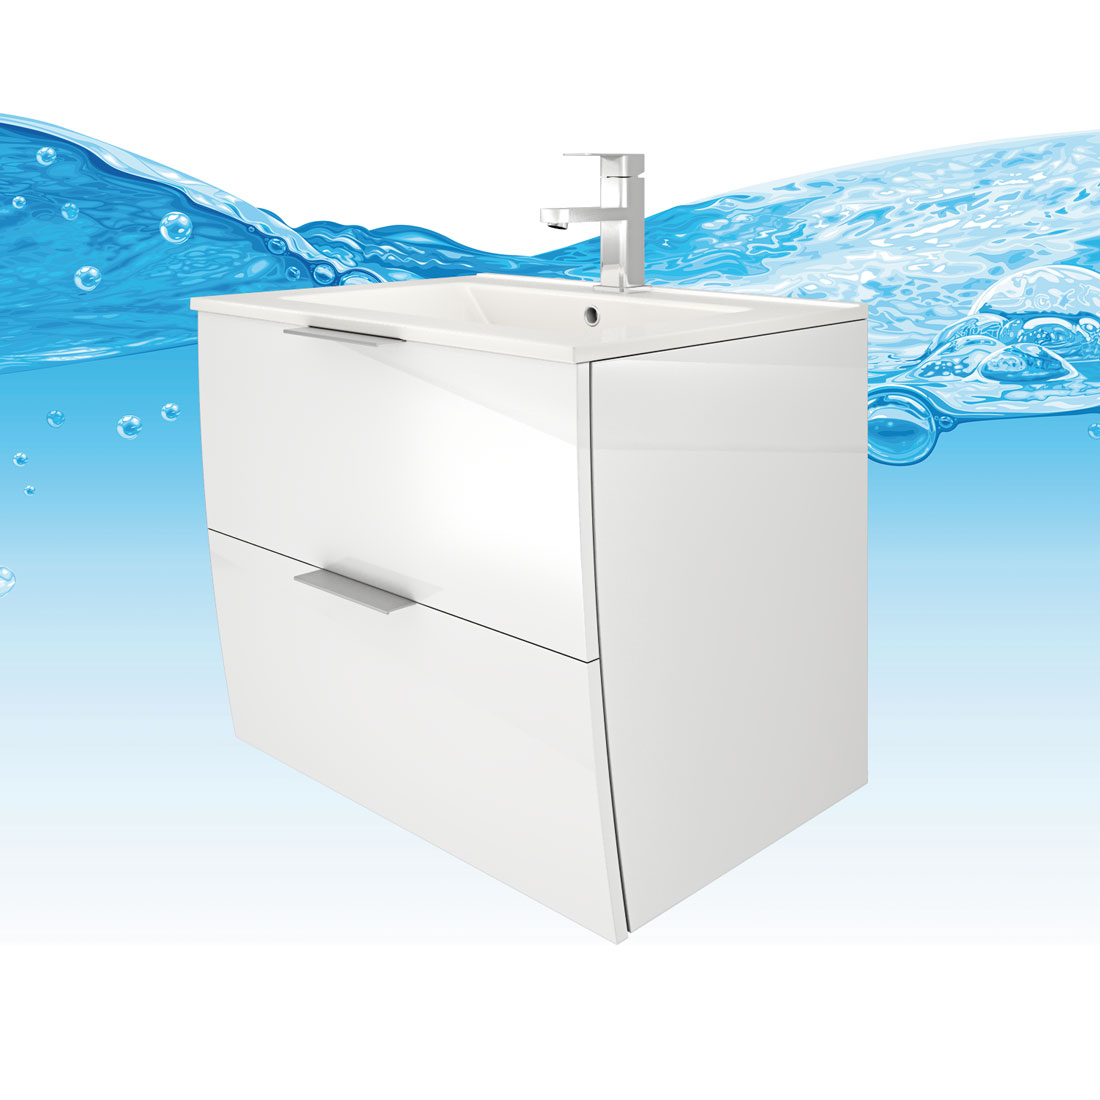 waschtisch mit waschbecken unterschrank gently 2 60cm hochglanz wei. Black Bedroom Furniture Sets. Home Design Ideas